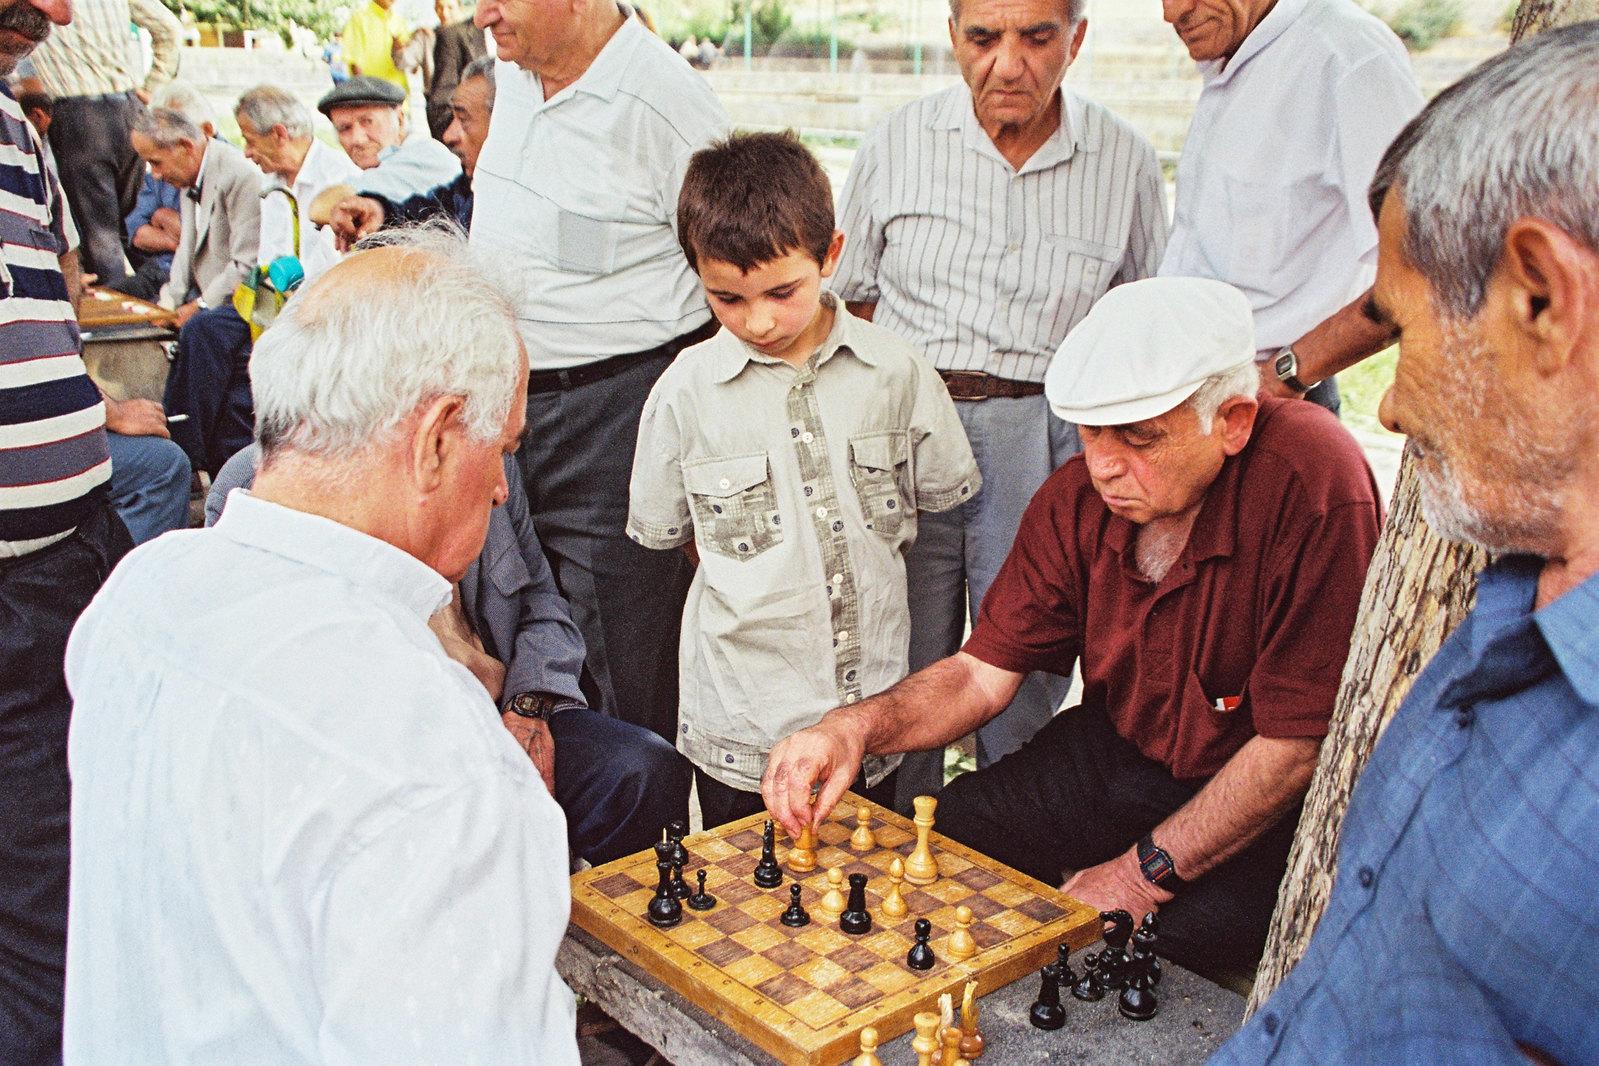 Tomber sous le charme de l'Arménie - Les joueurs d'échec